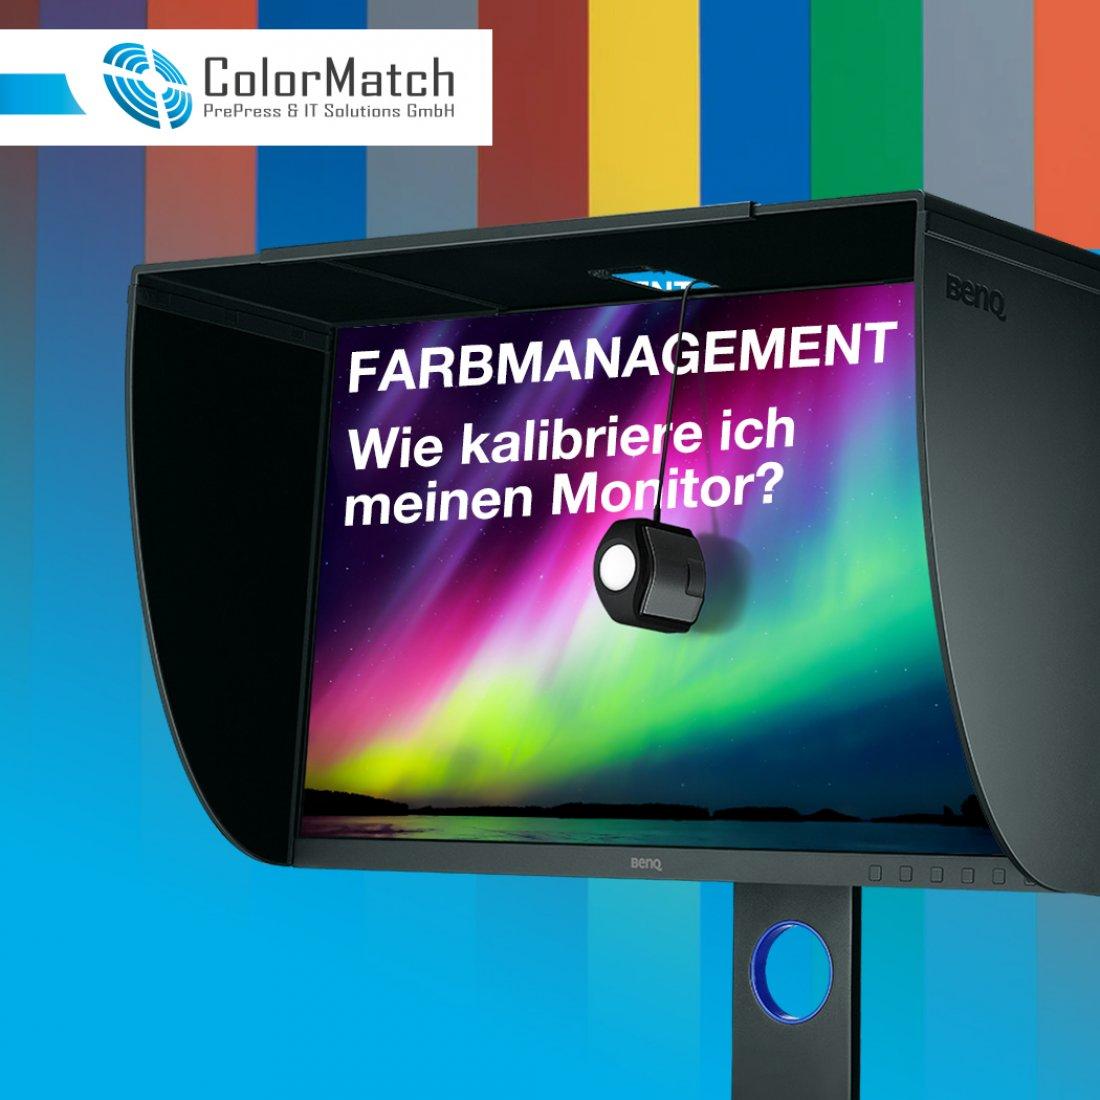 Hauptbild von Farbmananagement Basics / Wie kalibriere ich meinen Monitor